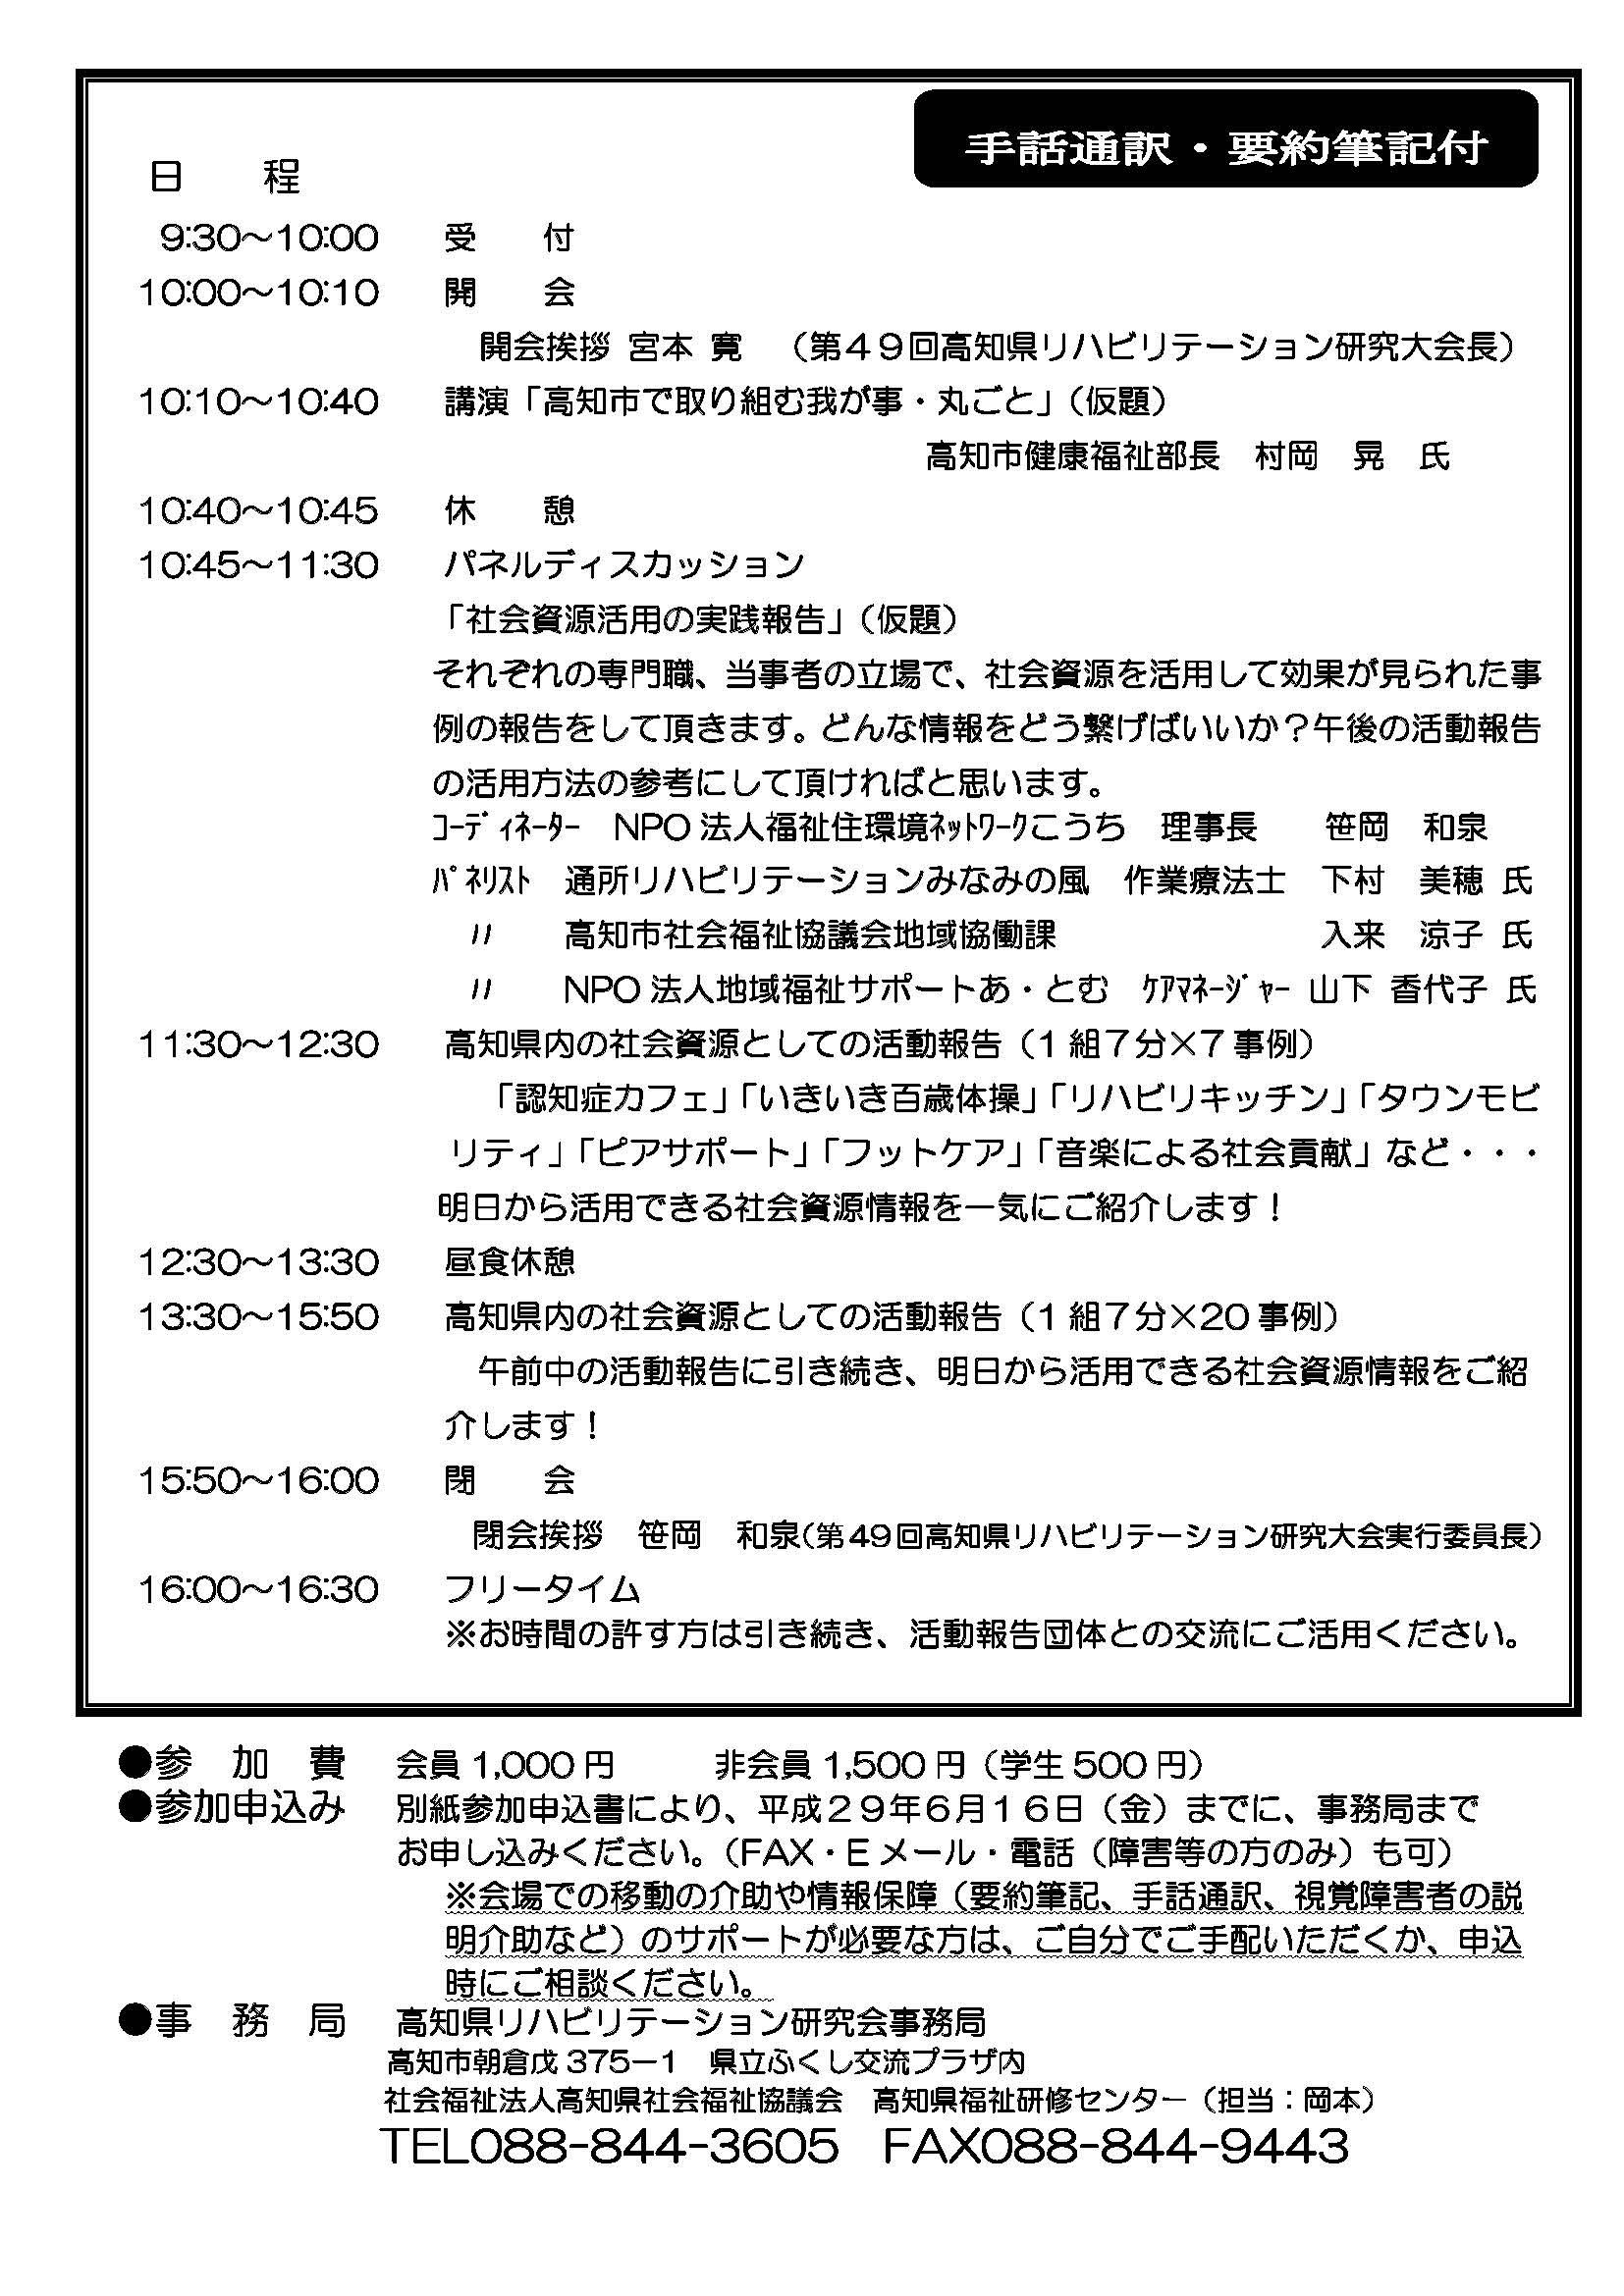 第49回大会開催要綱(最終案)_ページ_2